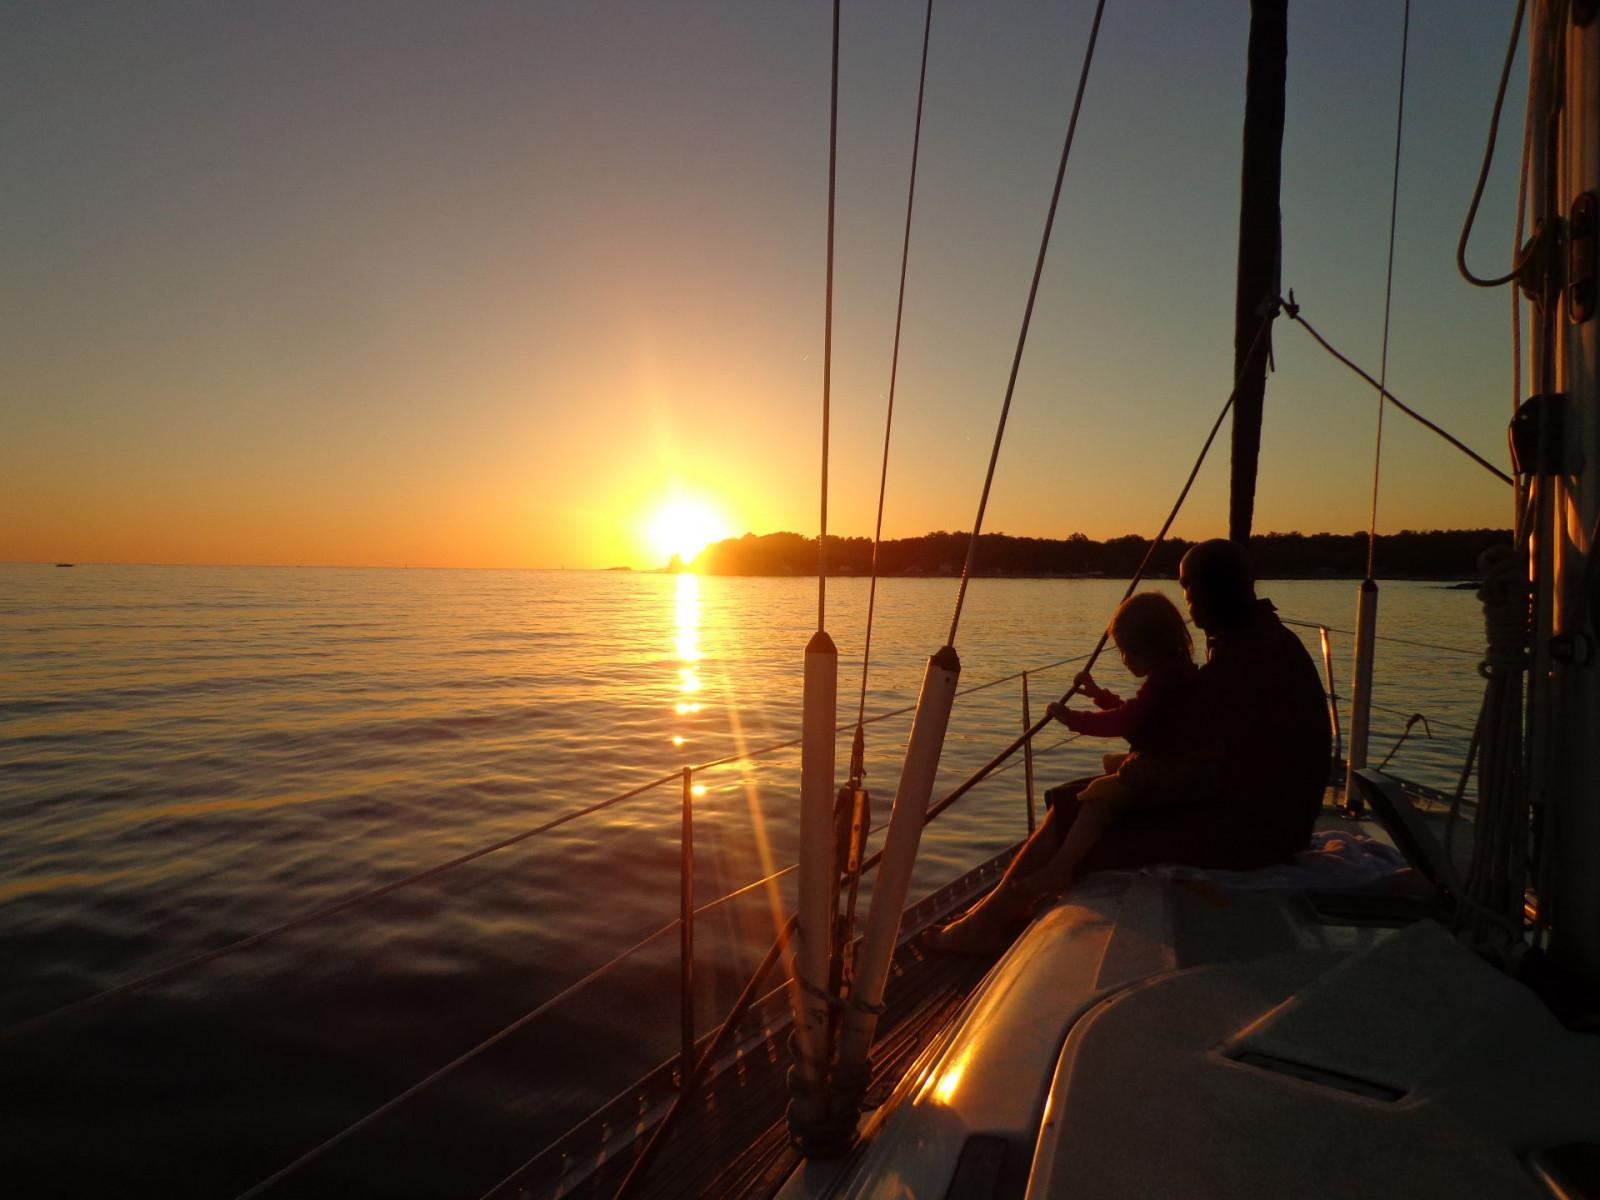 Giro in barca a vela ad Anzio con cena esclusiva